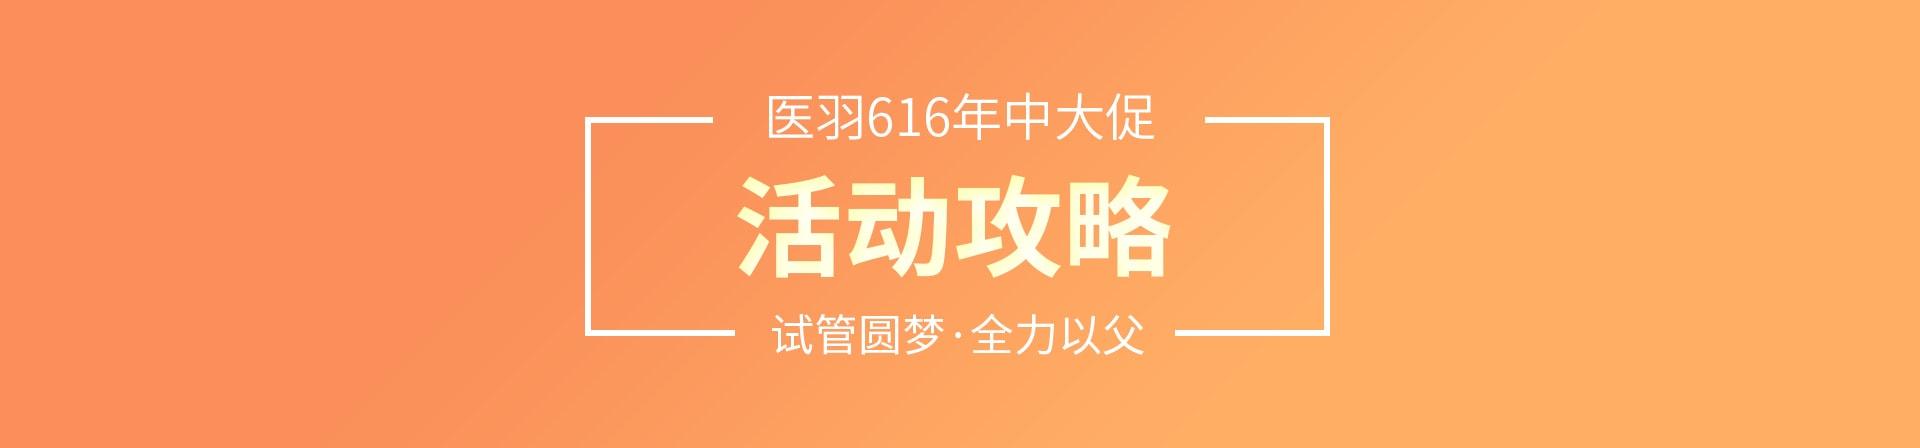 医羽6.16父亲节活动攻略